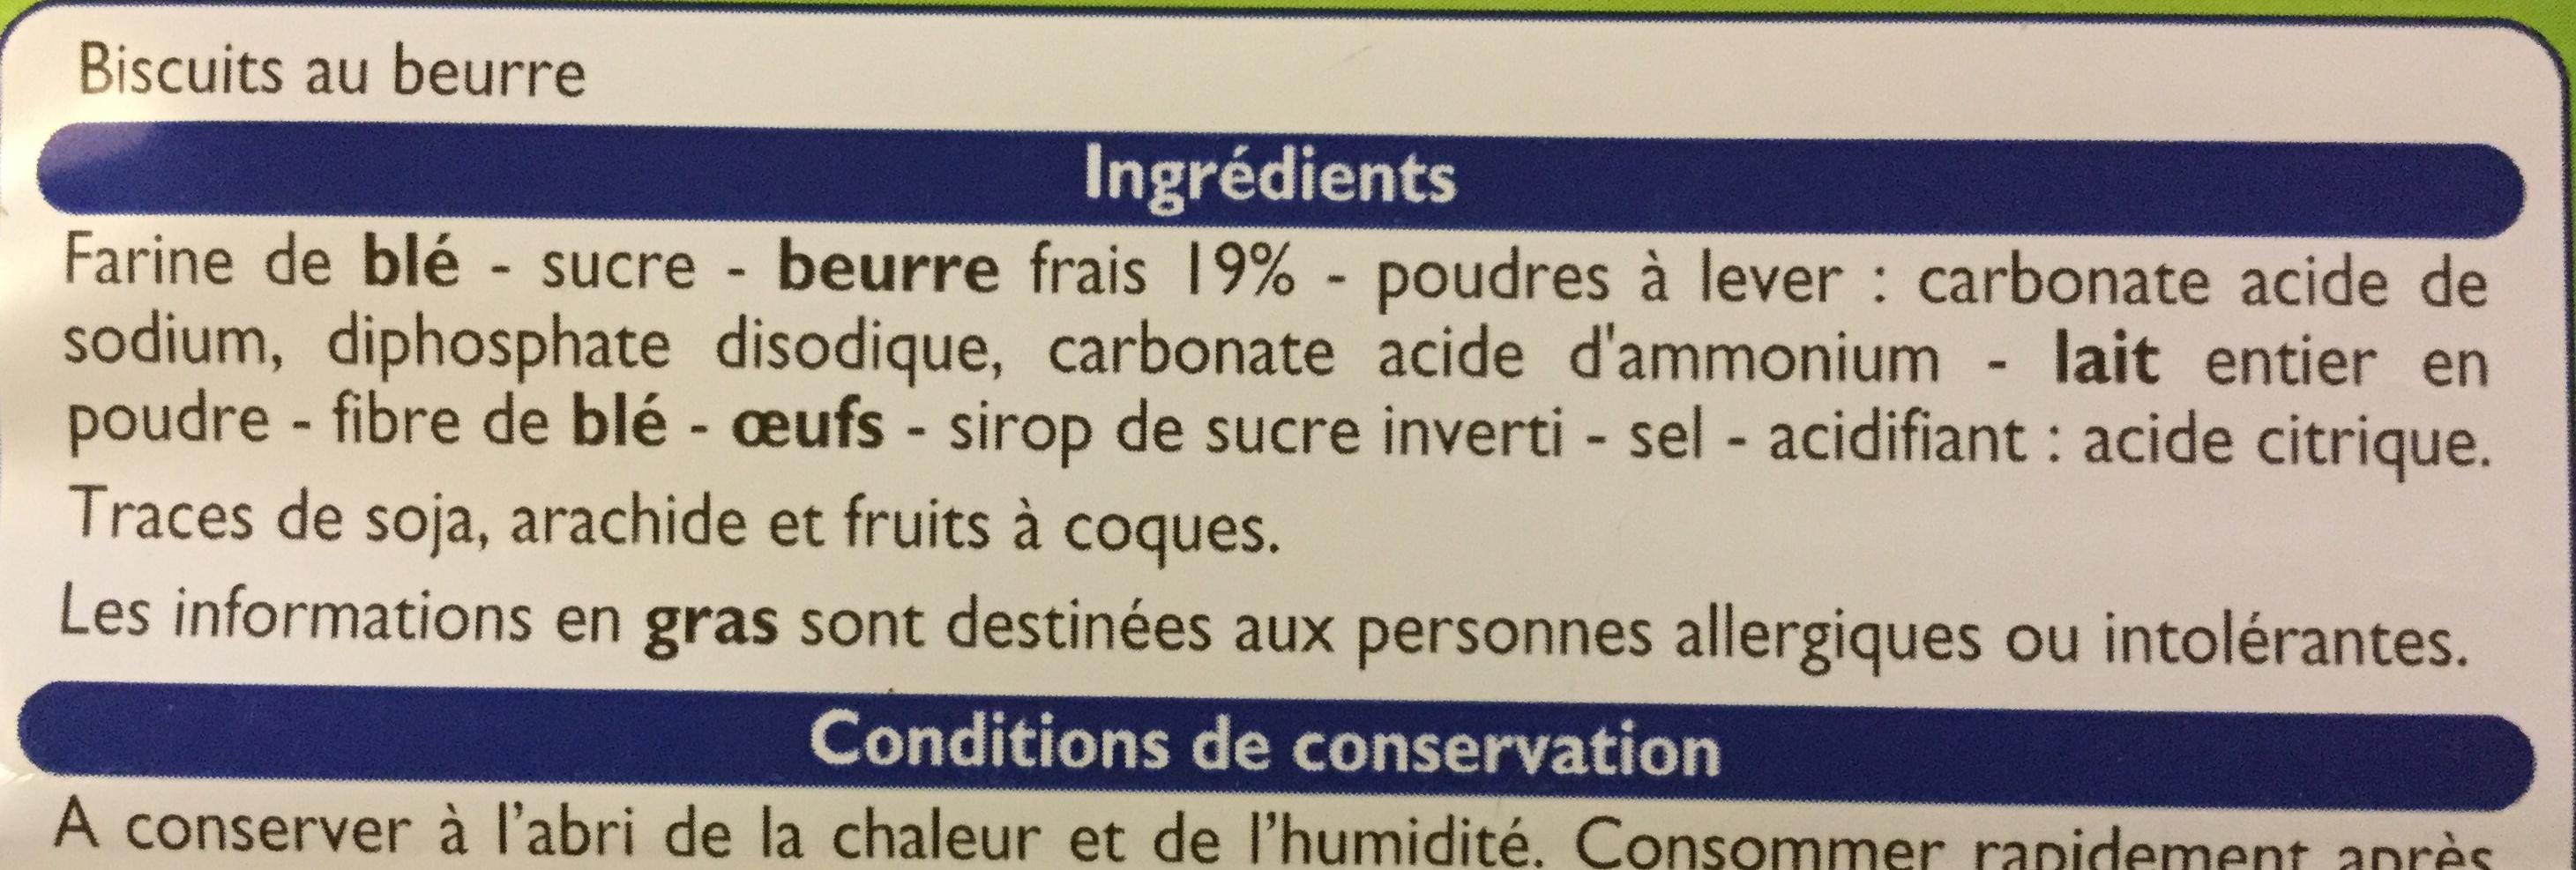 Beurrés Bretons - Ingrédients - fr